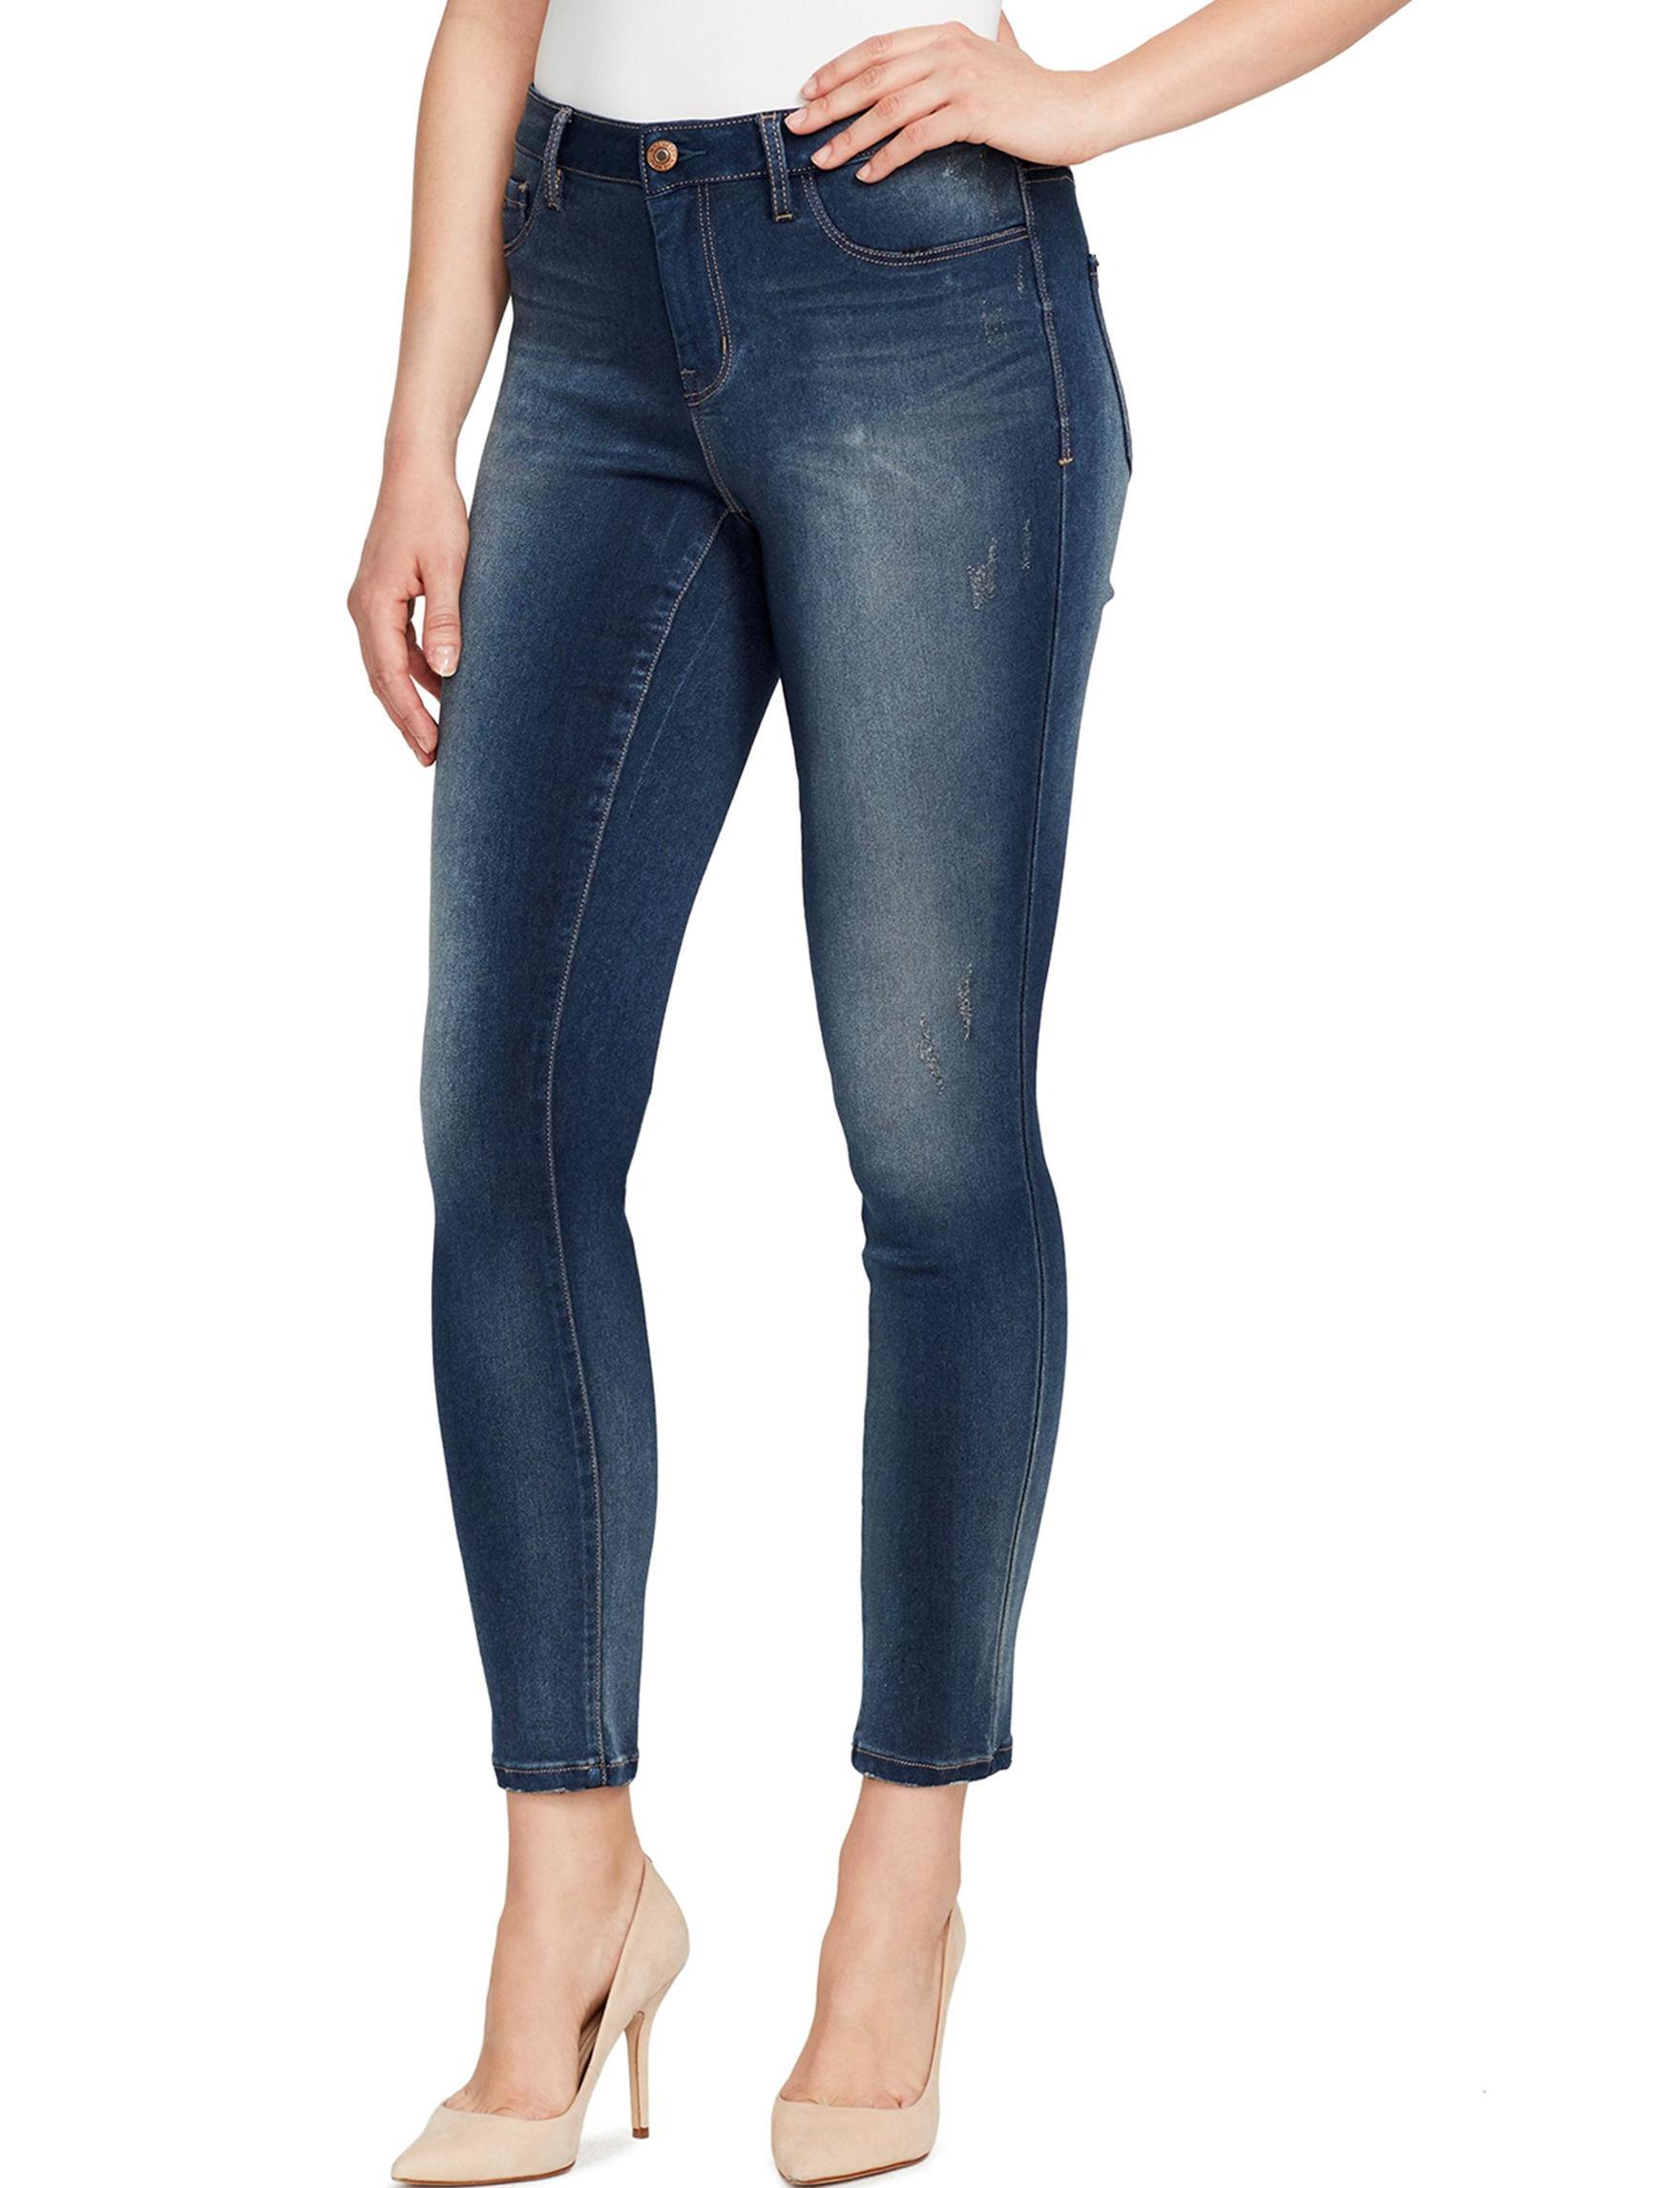 Nine West Jeans Blue Jeggings